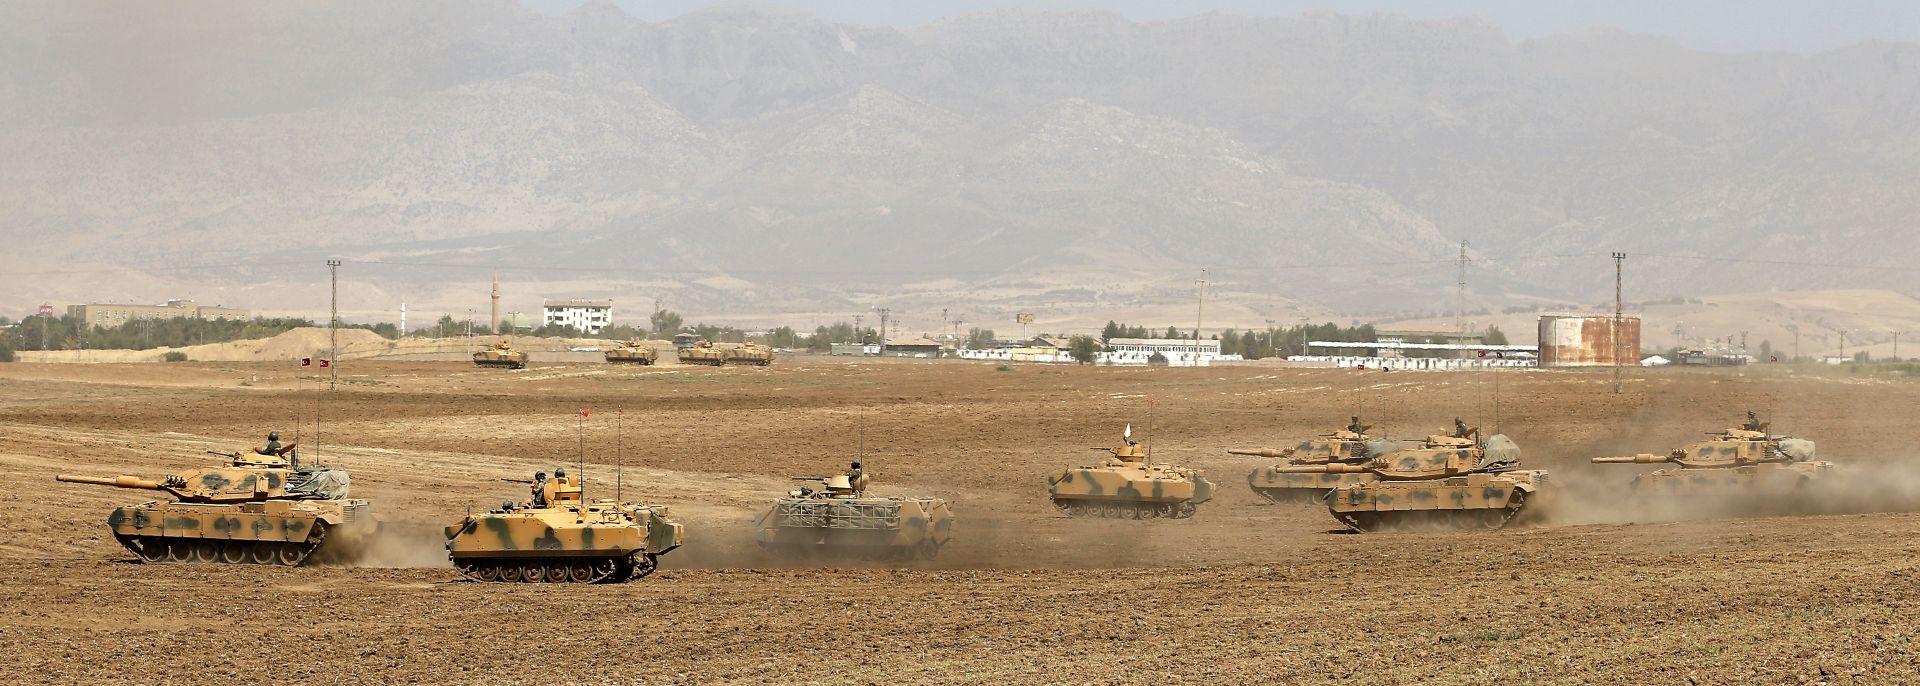 IRAK Pronađena masovna grobnica sa više od 400 tijela